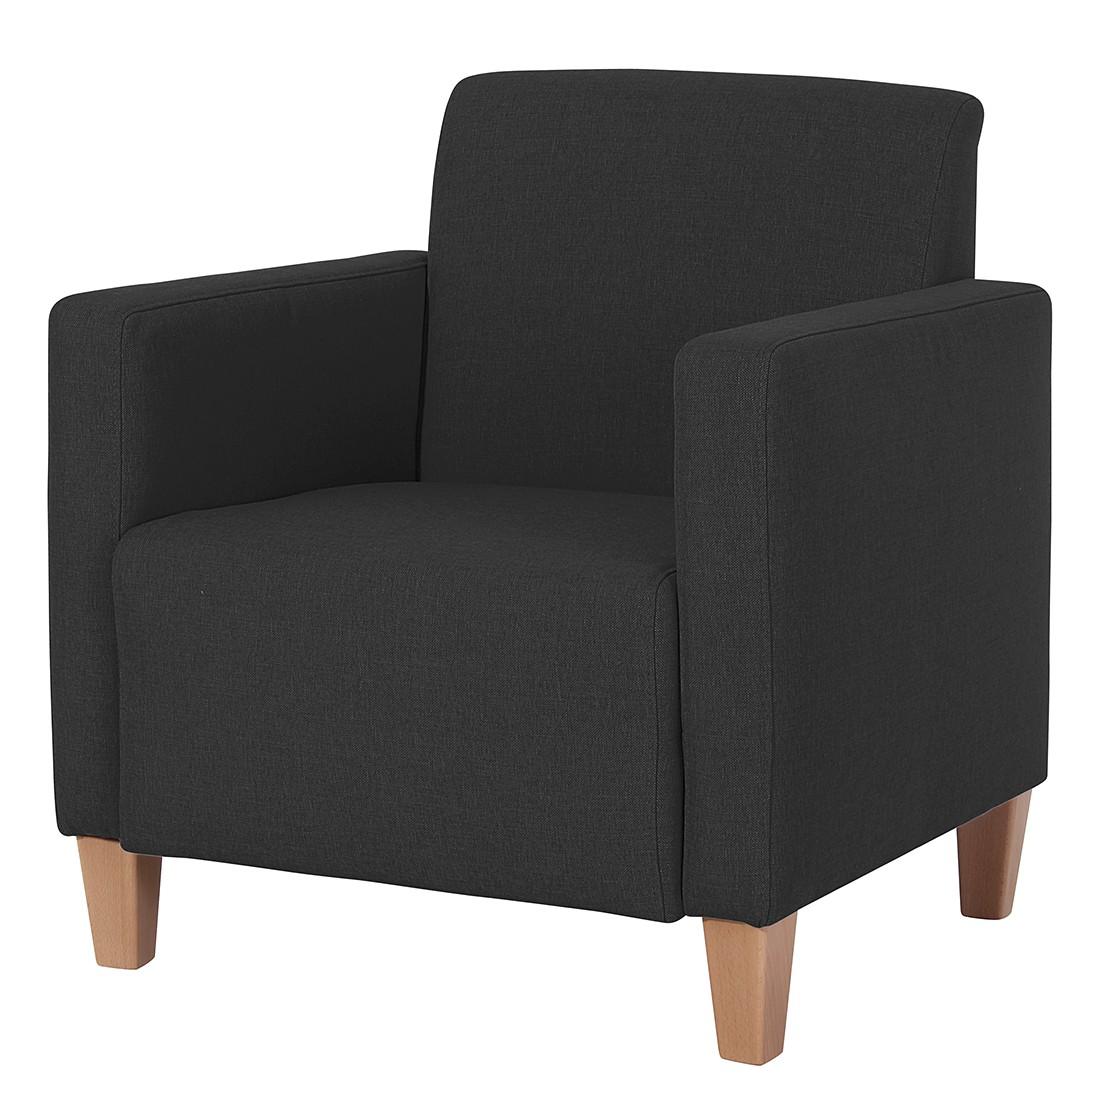 Sessel sitzh he 50 cm preisvergleiche for Sessel 50 cm breit